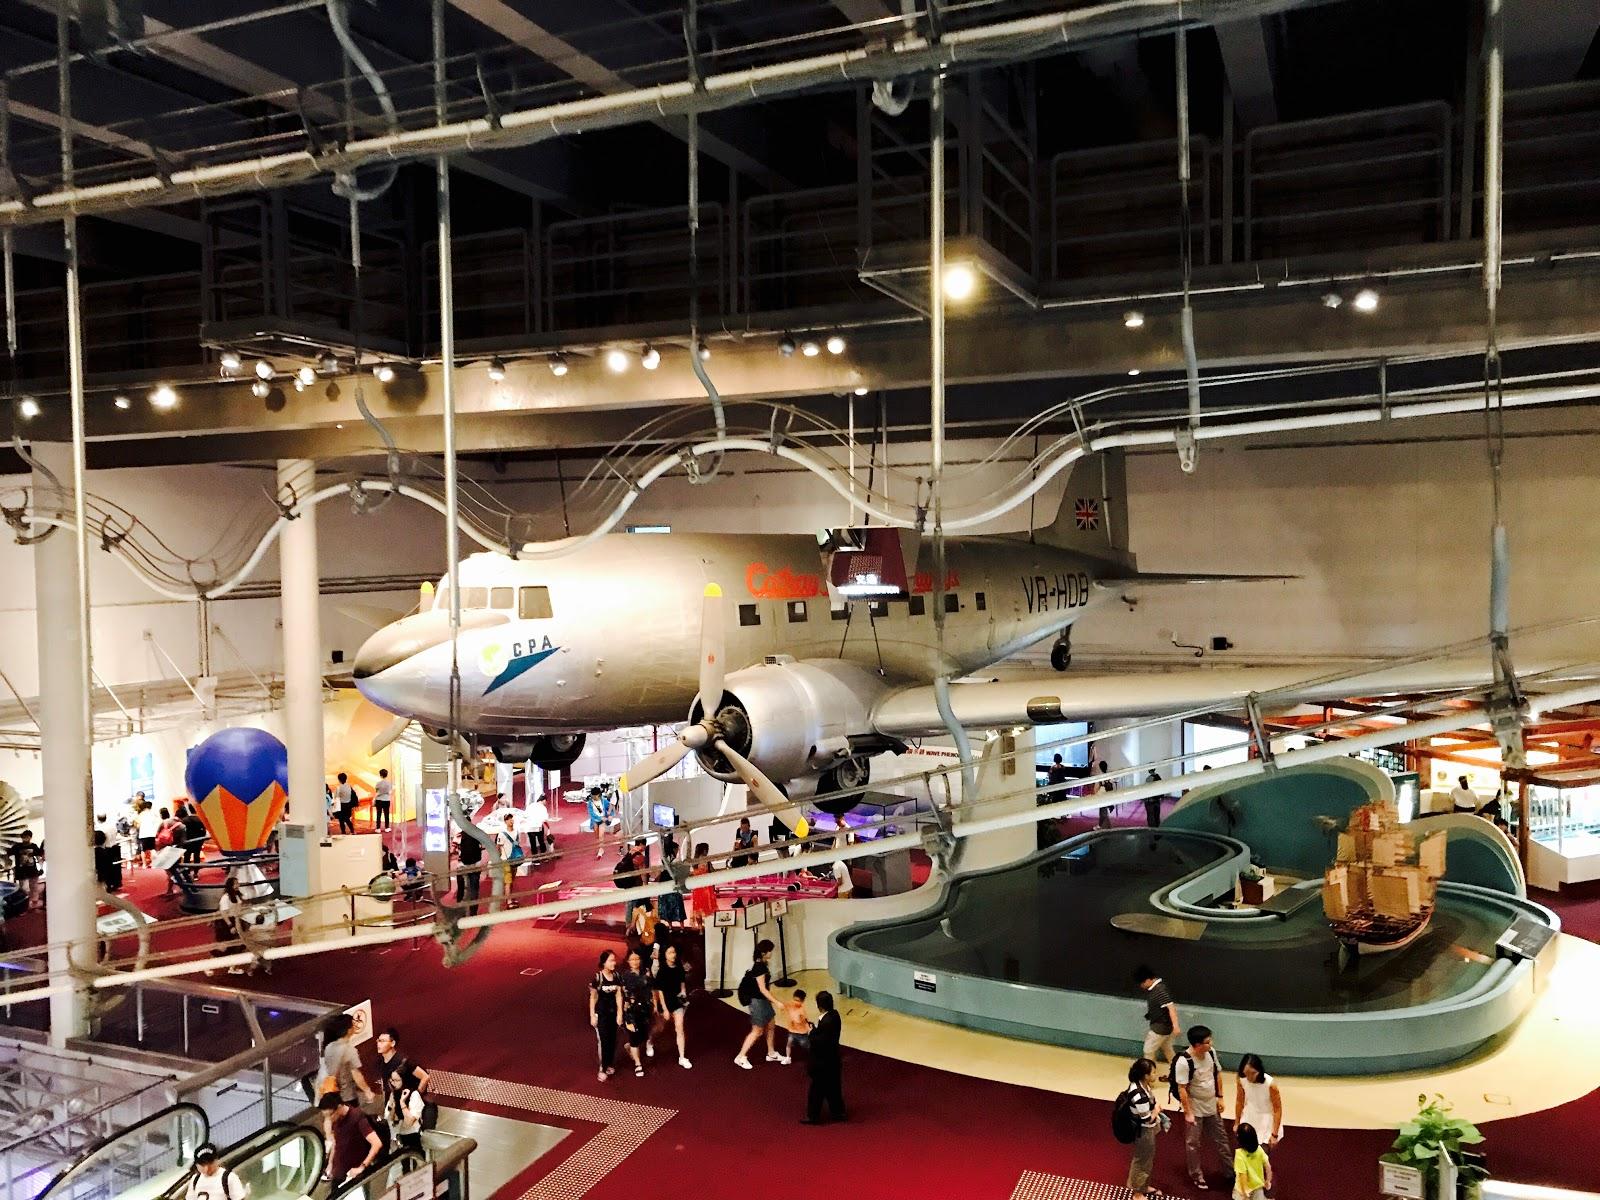 السياحة في هونغ كونغ - متحف العلوم هونغ كونغ